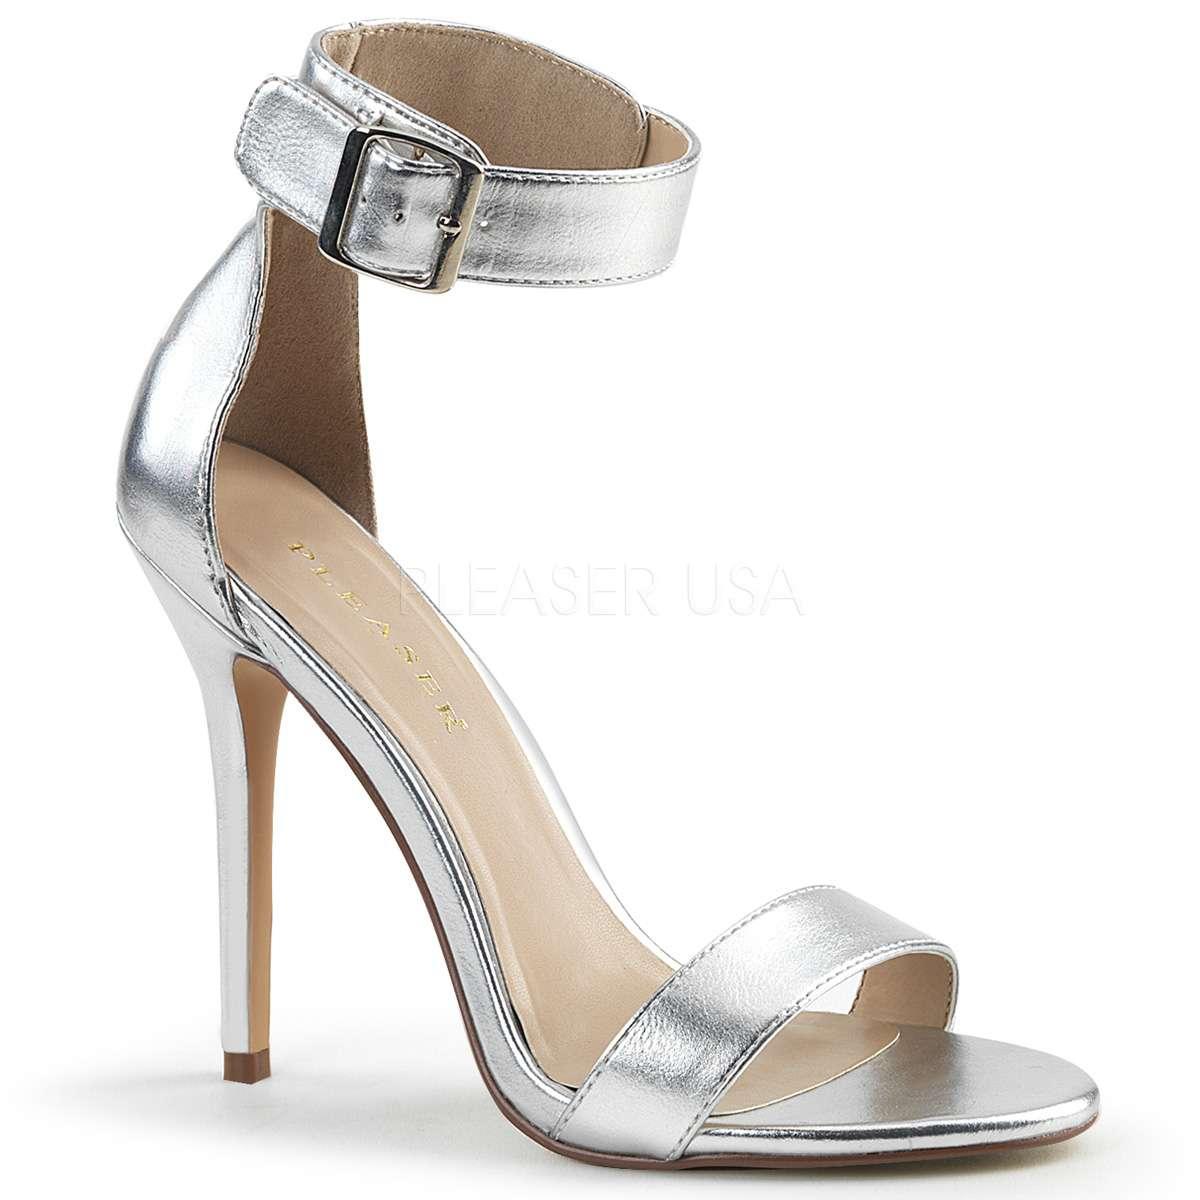 PleaserUSA Riemchen Sandaletten Amuse-10 silber metallic Gr.37 qdxt5